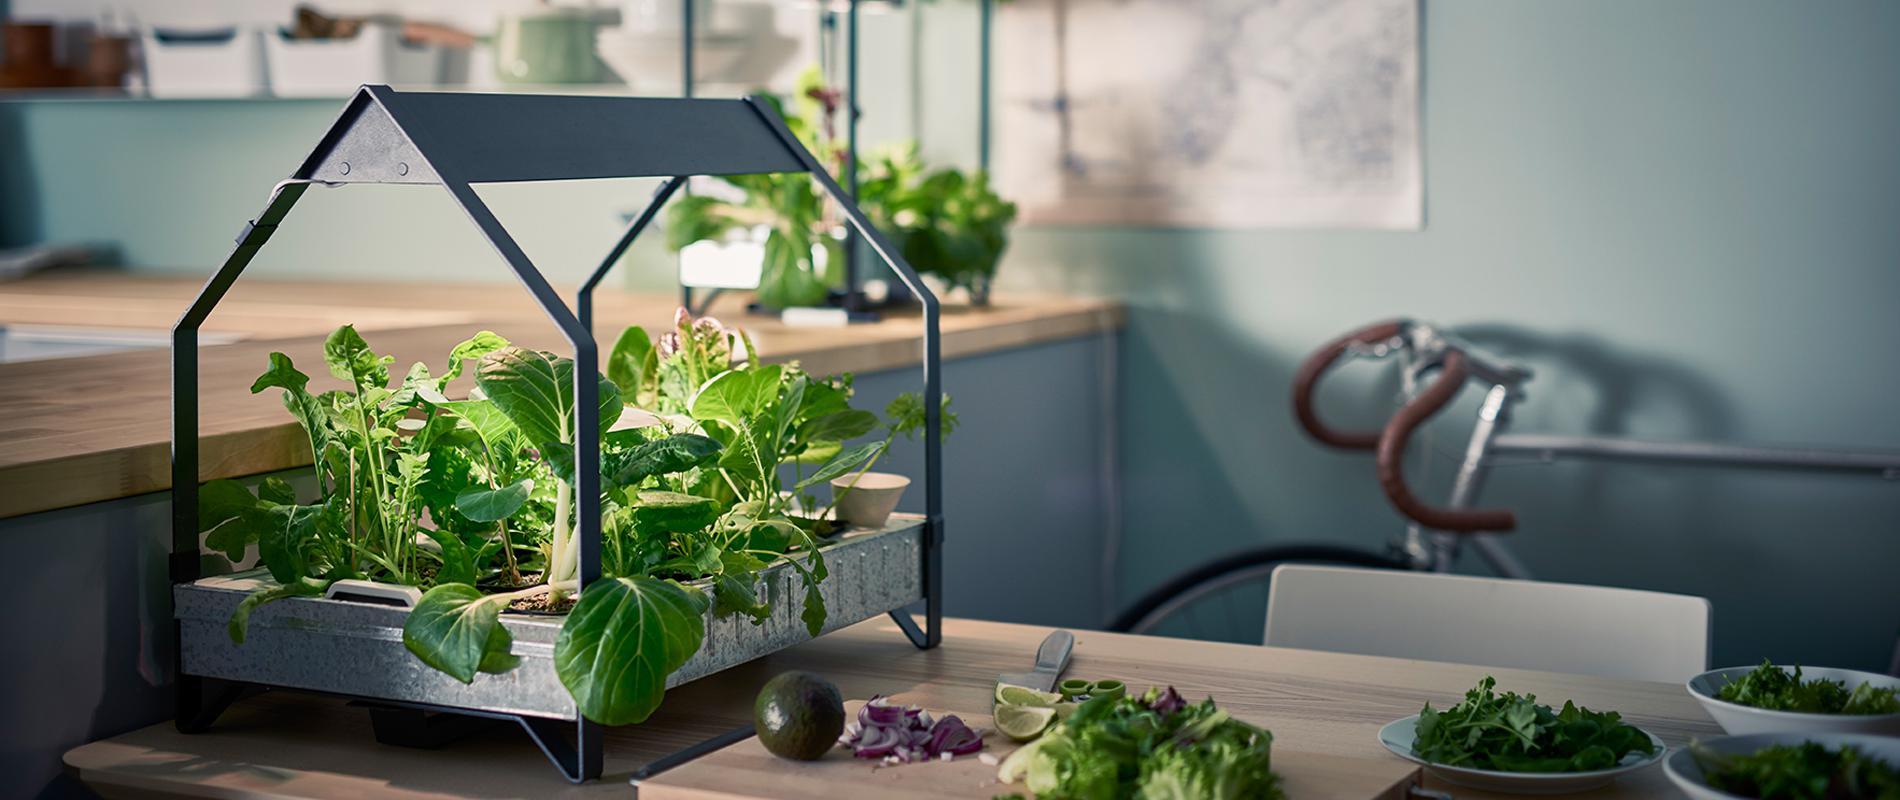 """健康环保又有趣 """"厨房菜园""""成蔬果种植新趋势"""